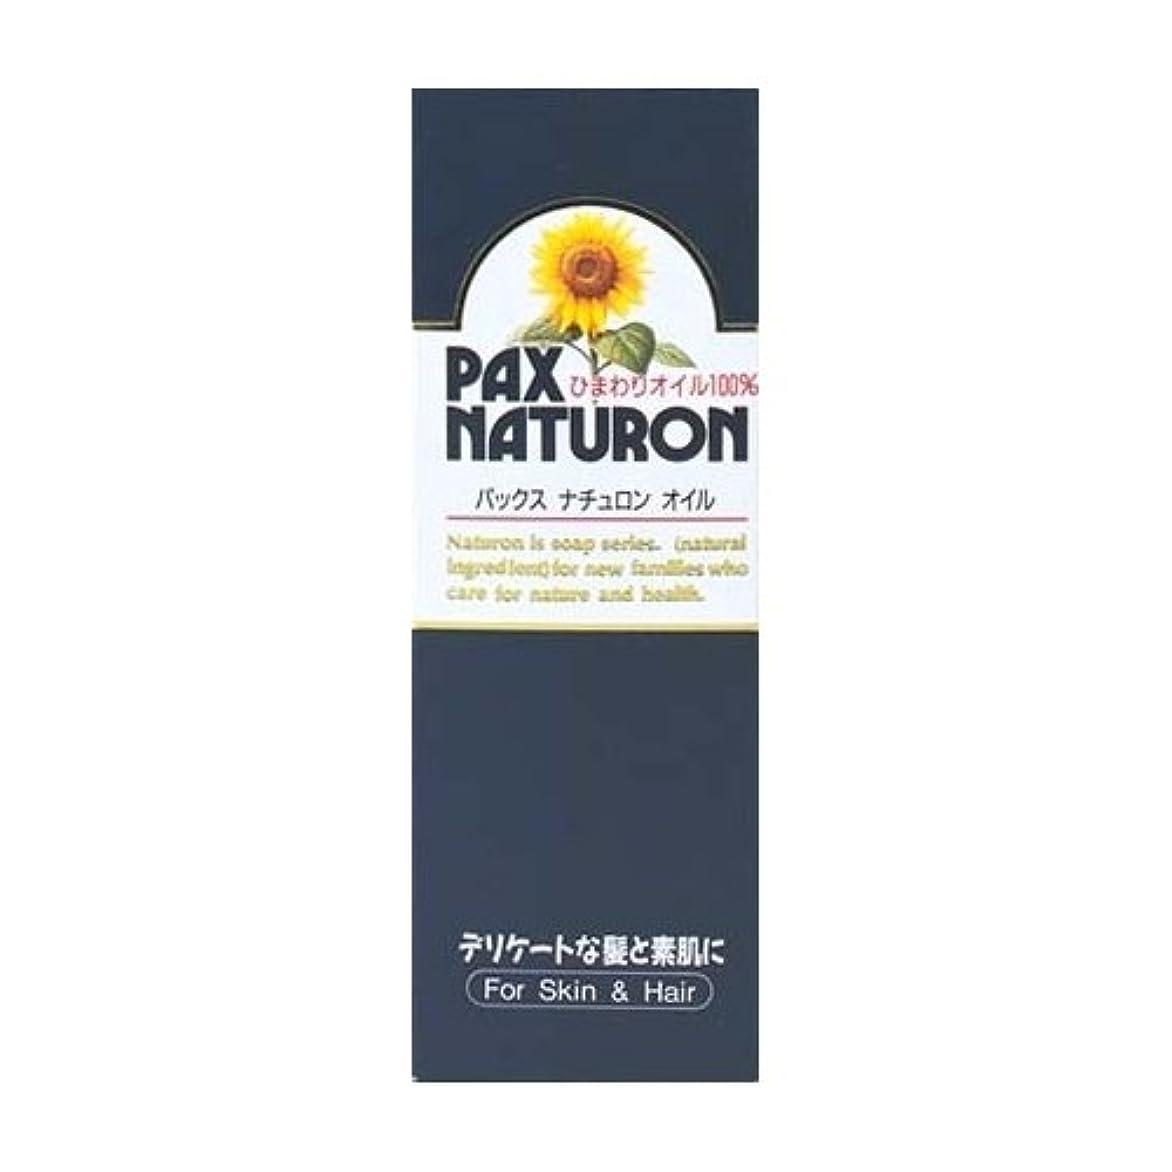 教育完全に影響力のあるパックスナチュロン オイル(ひまわりオイル100%) 60ml